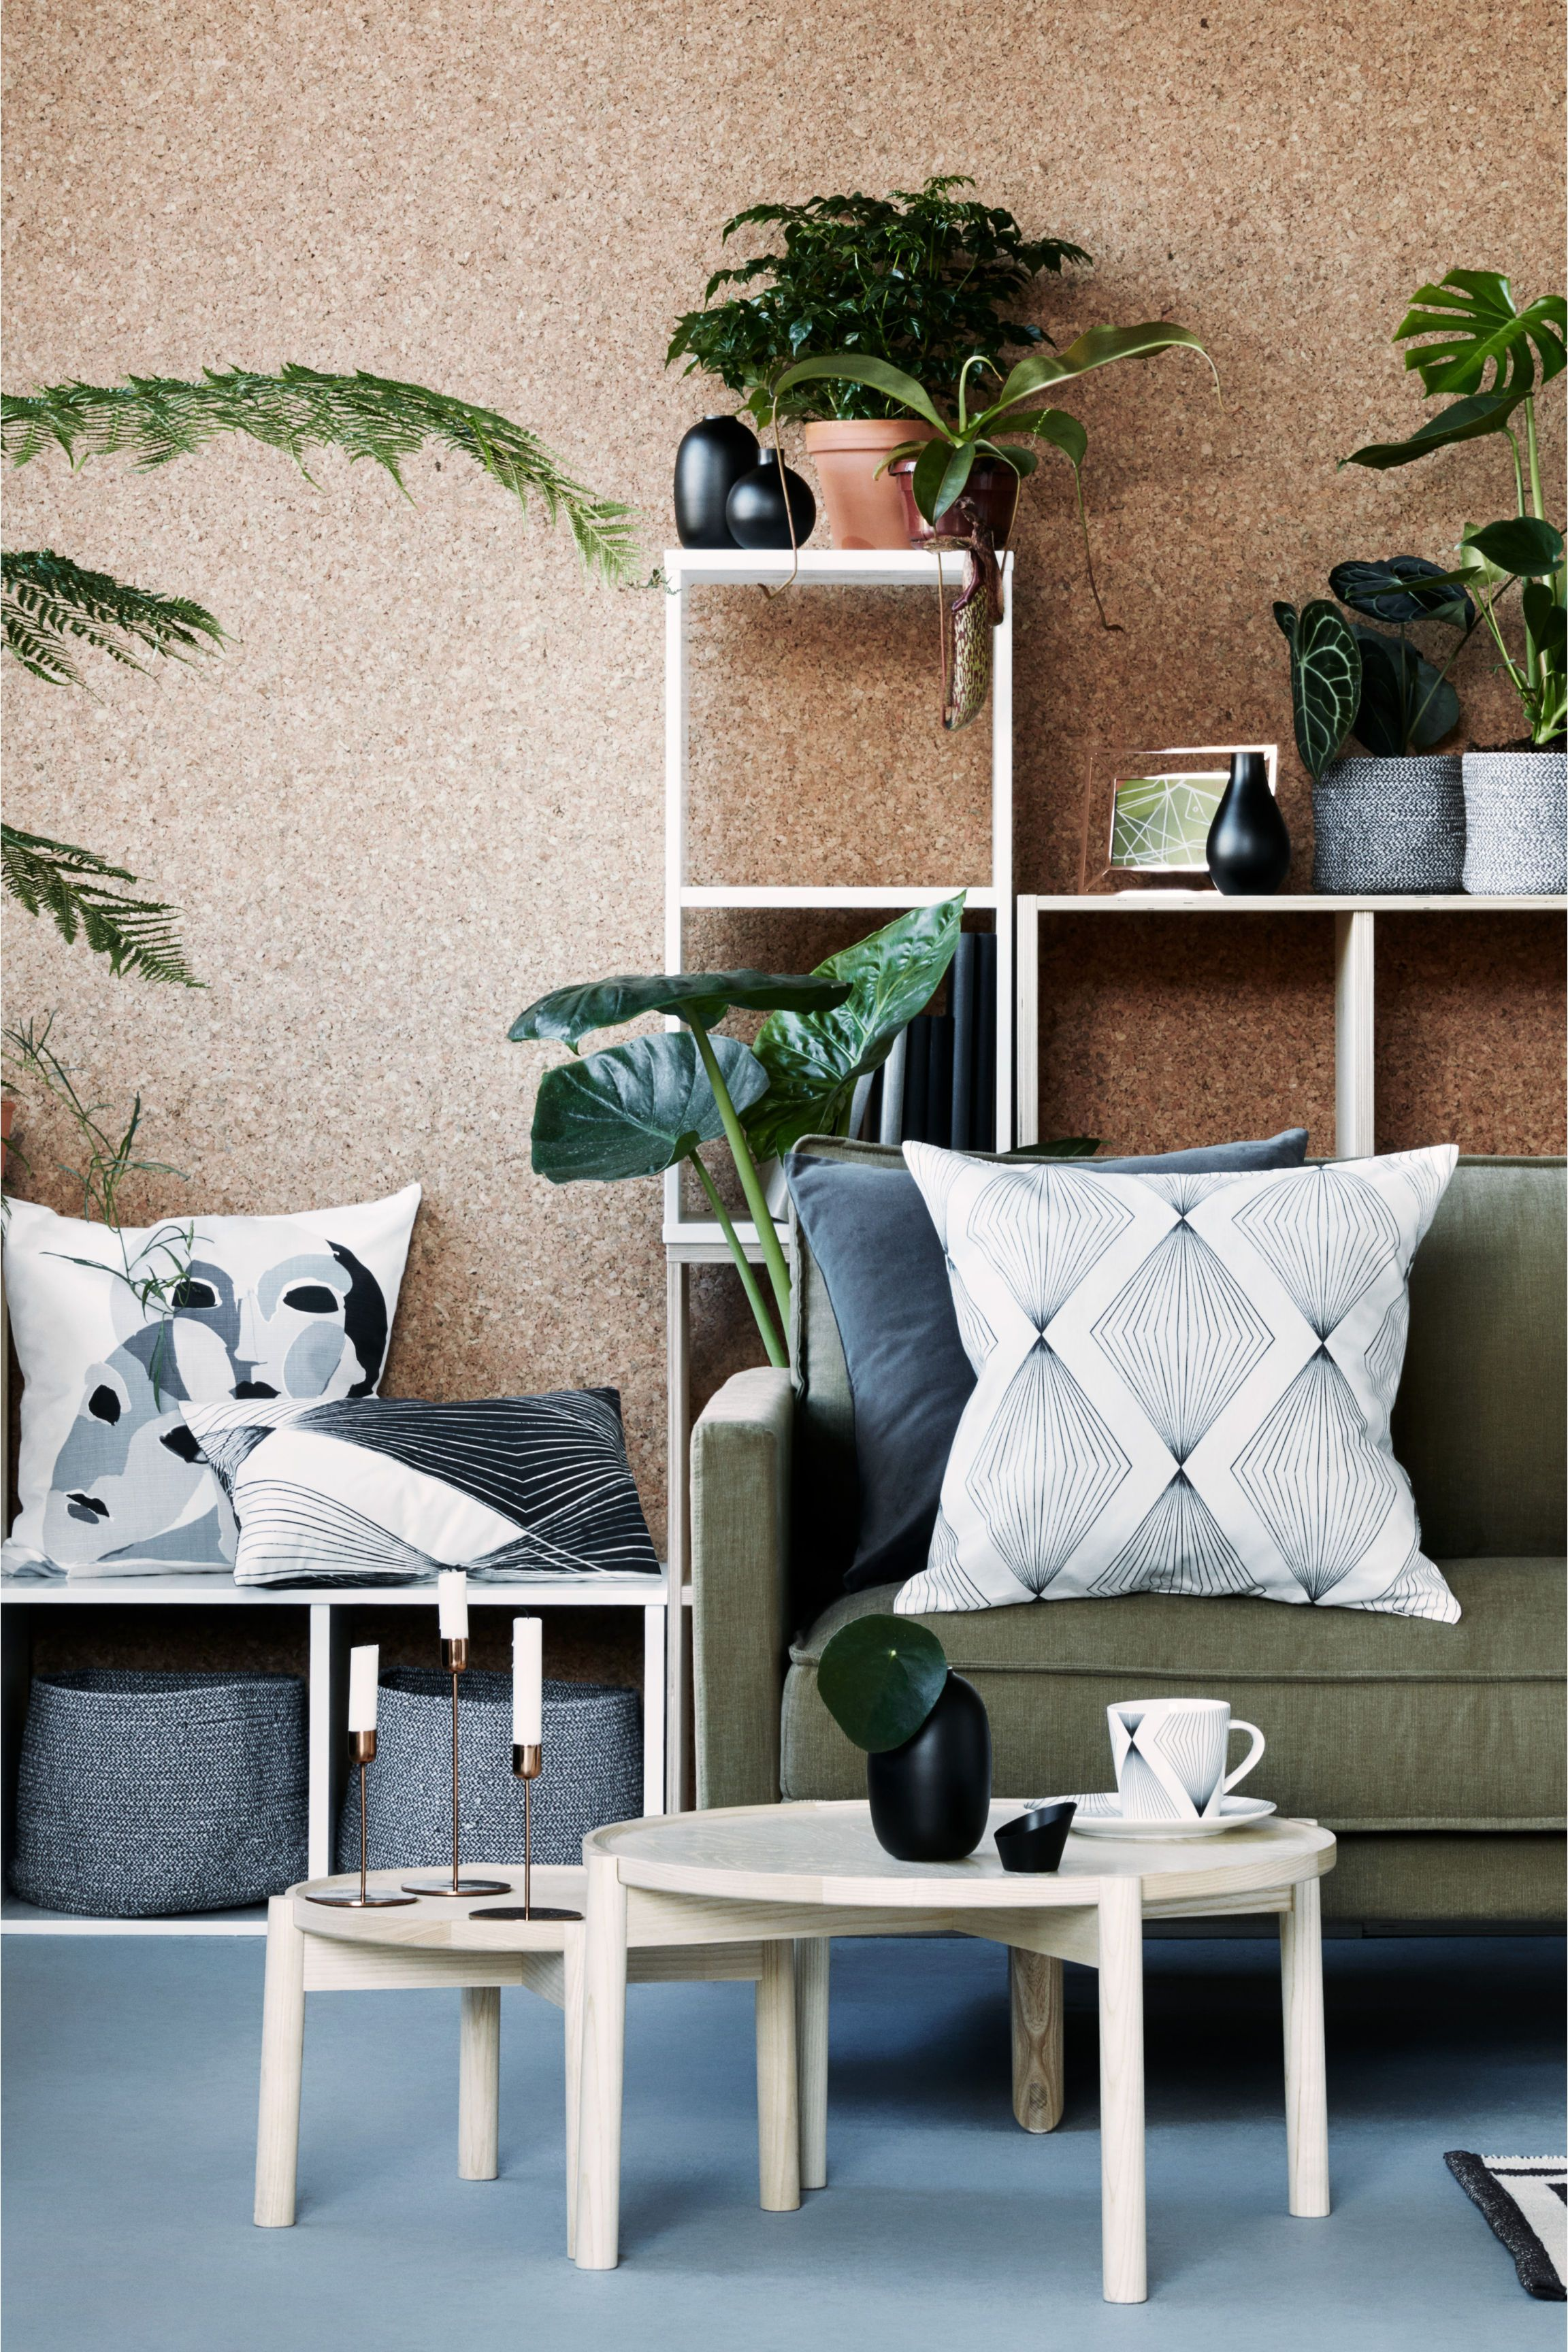 Capa de almofada em algodão | H&m home, Interior, Home ...